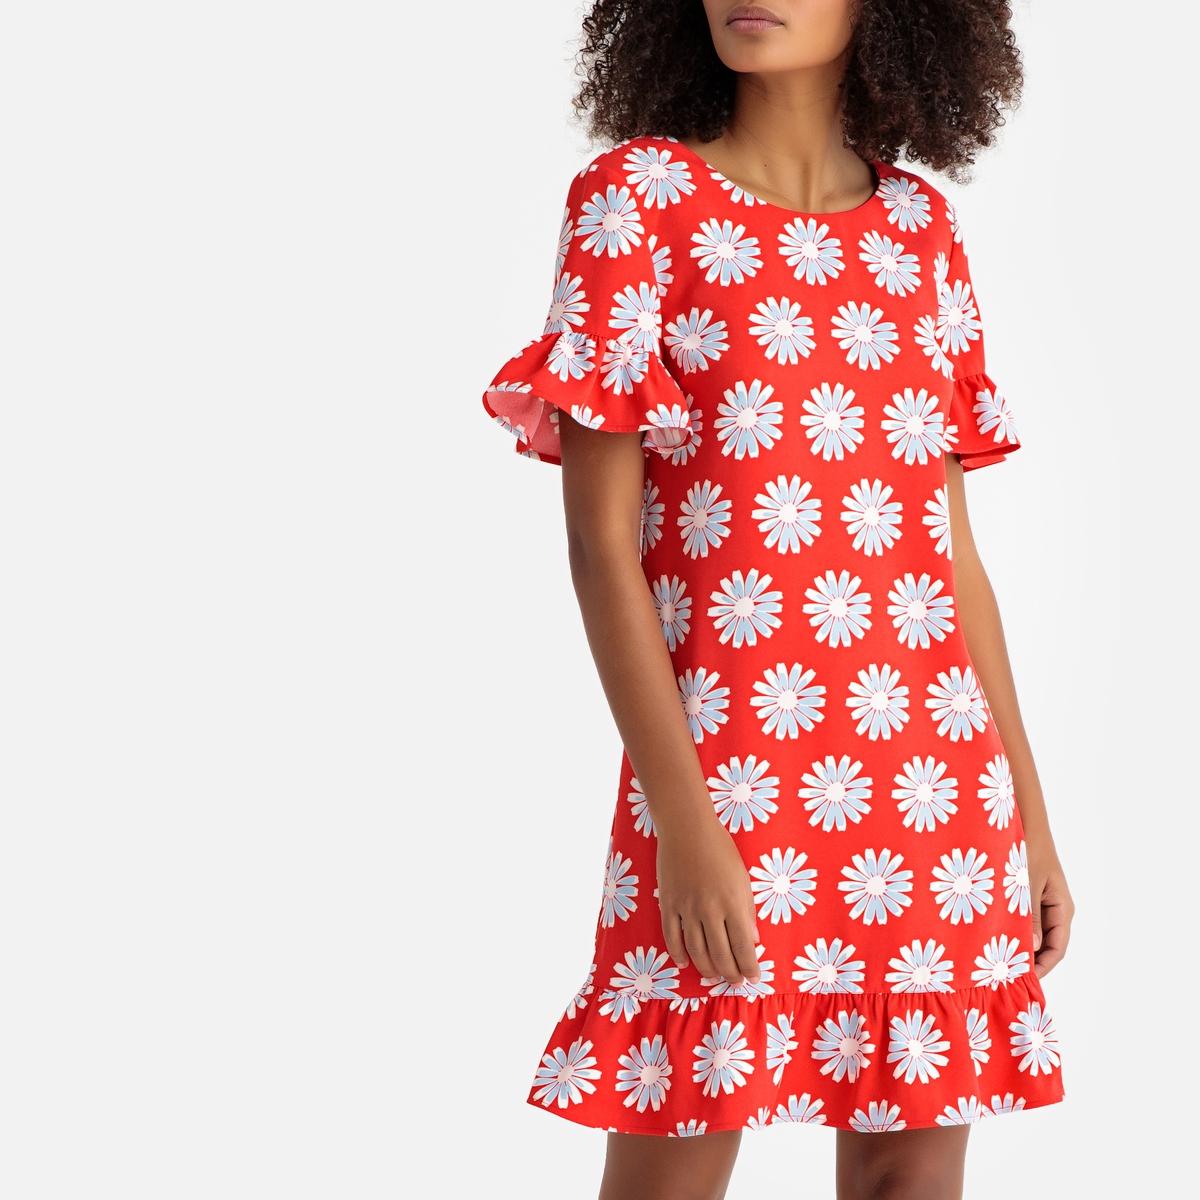 Платье-миди La Redoute Расклешенное с баской и цветочным рисунком 34 (FR) - 40 (RUS) красный платье миди la redoute расклешенное с баской и цветочным рисунком 34 fr 40 rus красный